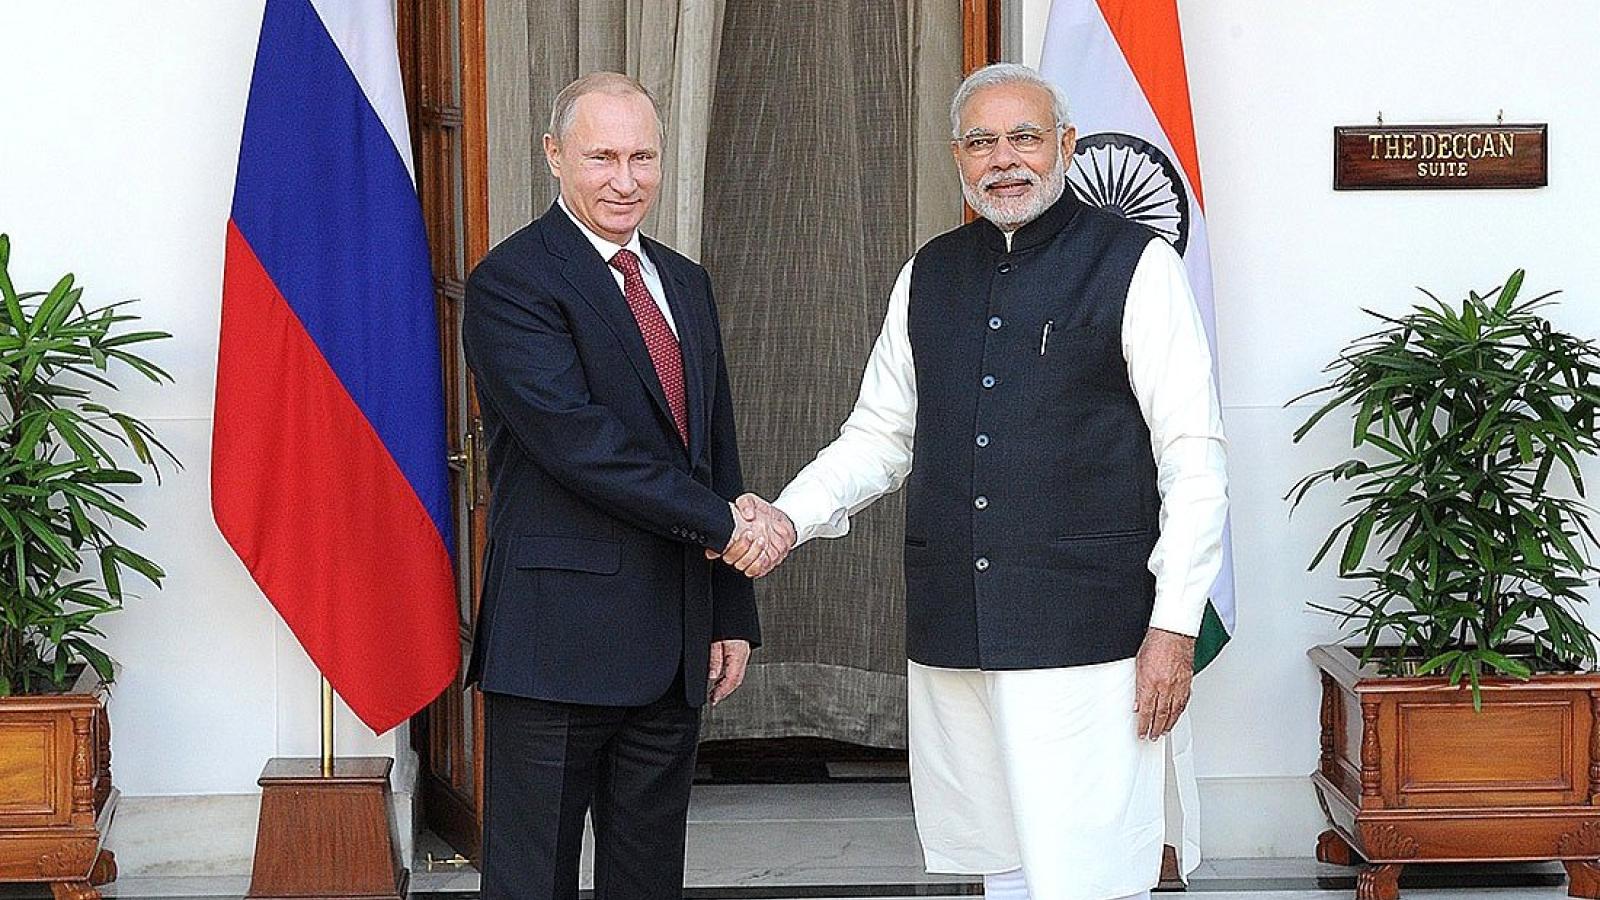 AUKUS ra đời, Ấn Độ rơi vào thế kẹt giữa Pháp và Nga